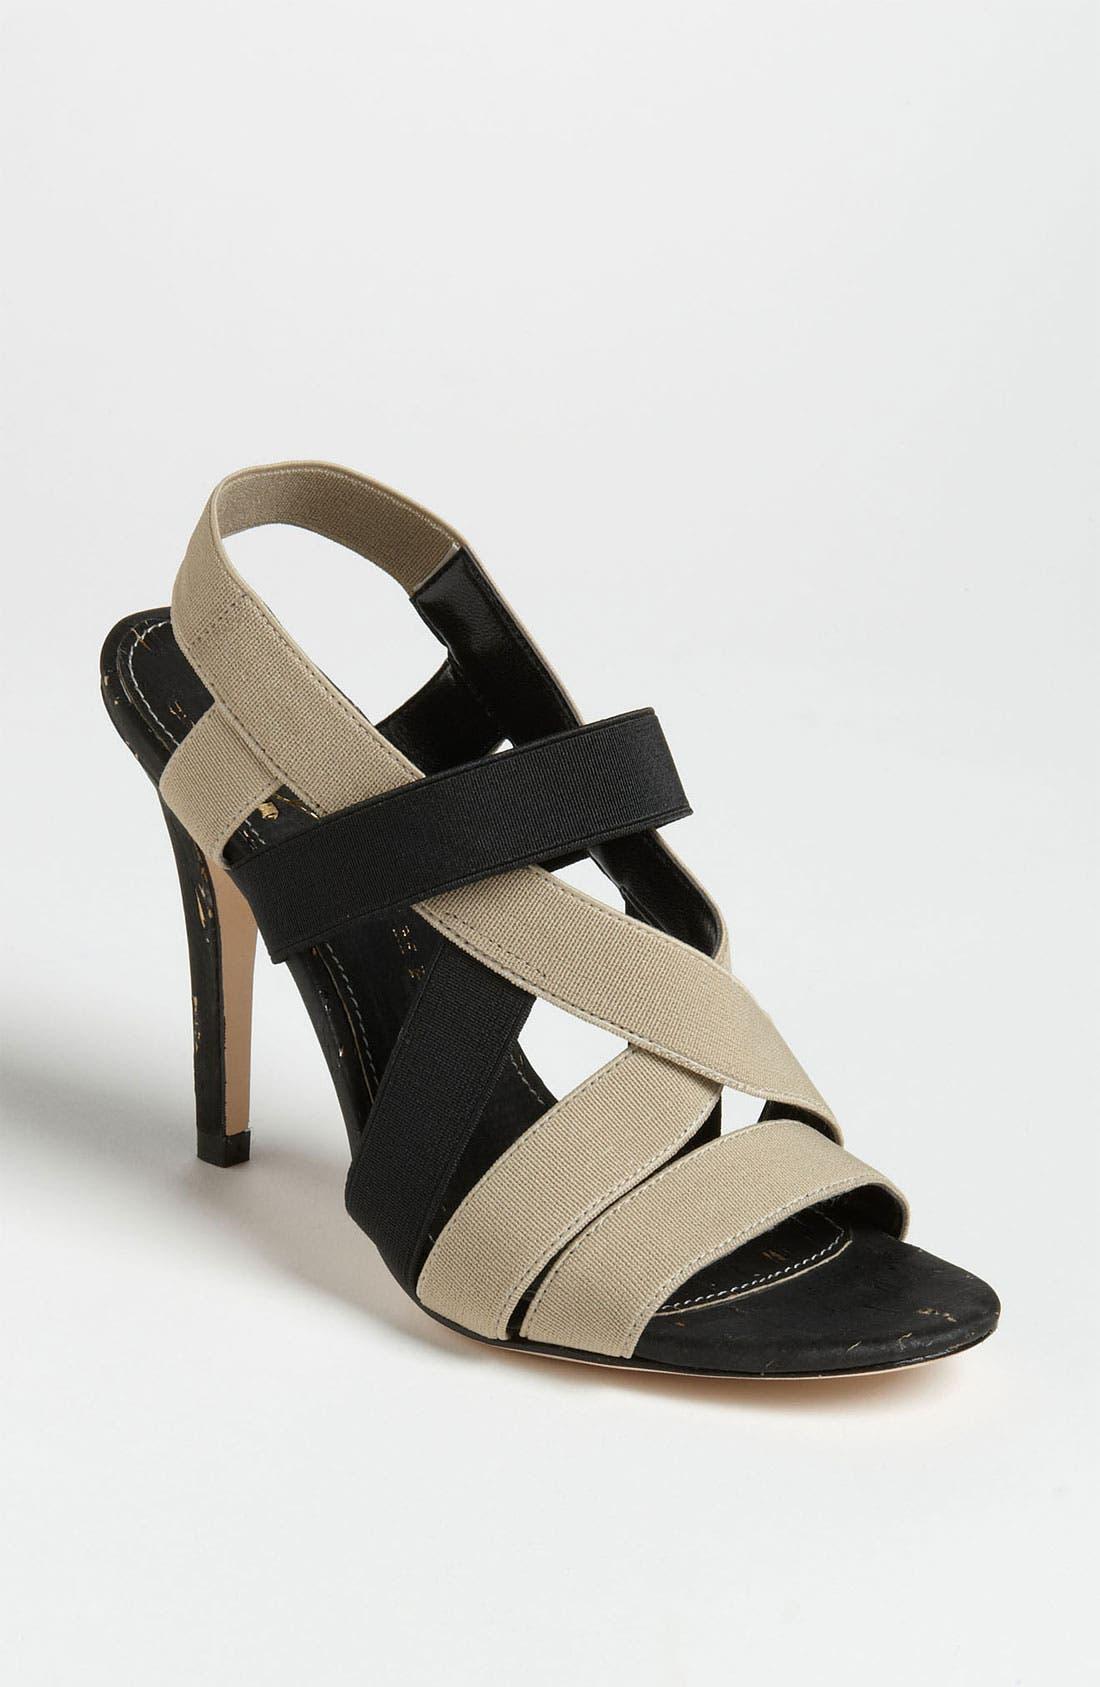 Alternate Image 1 Selected - Ivanka Trump 'Acadia' Sandal